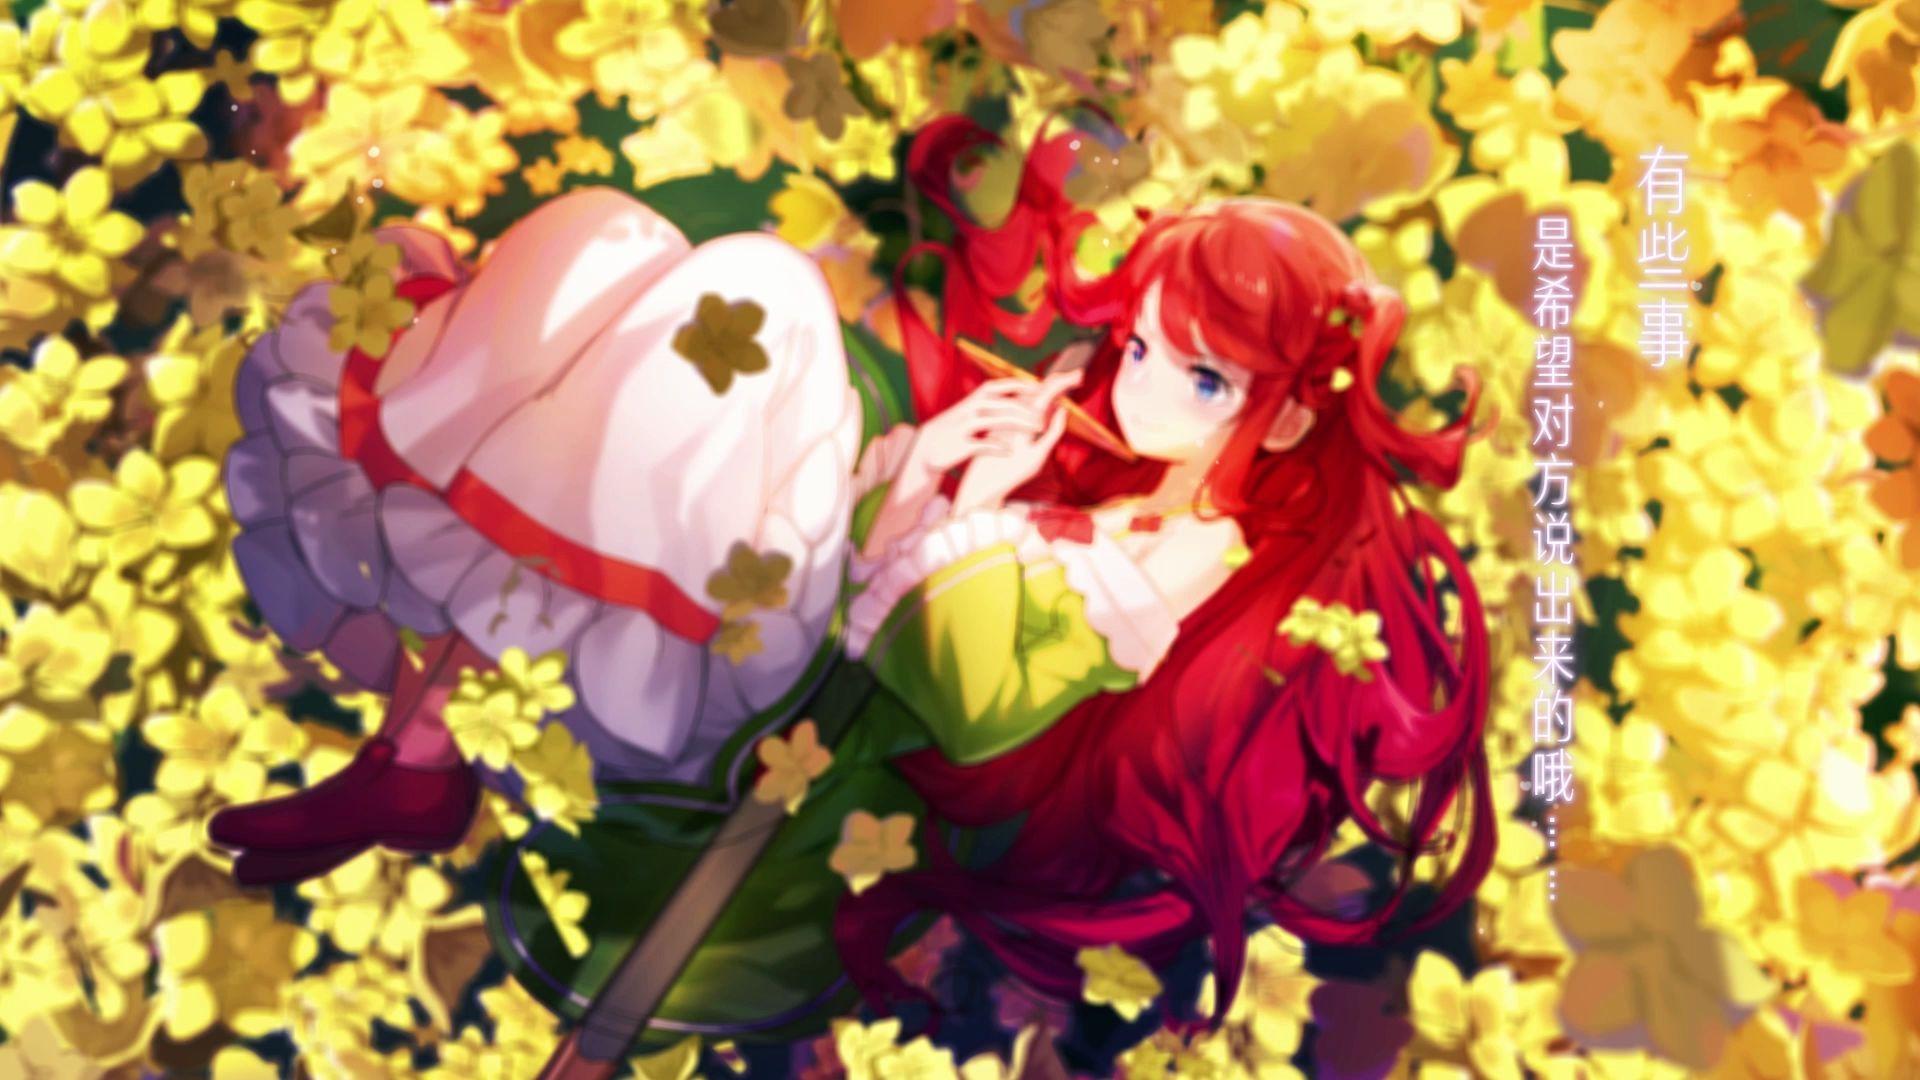 花之繁盛物语《从零开始的异世界生活-无限》剑鬼恋诗版本PV